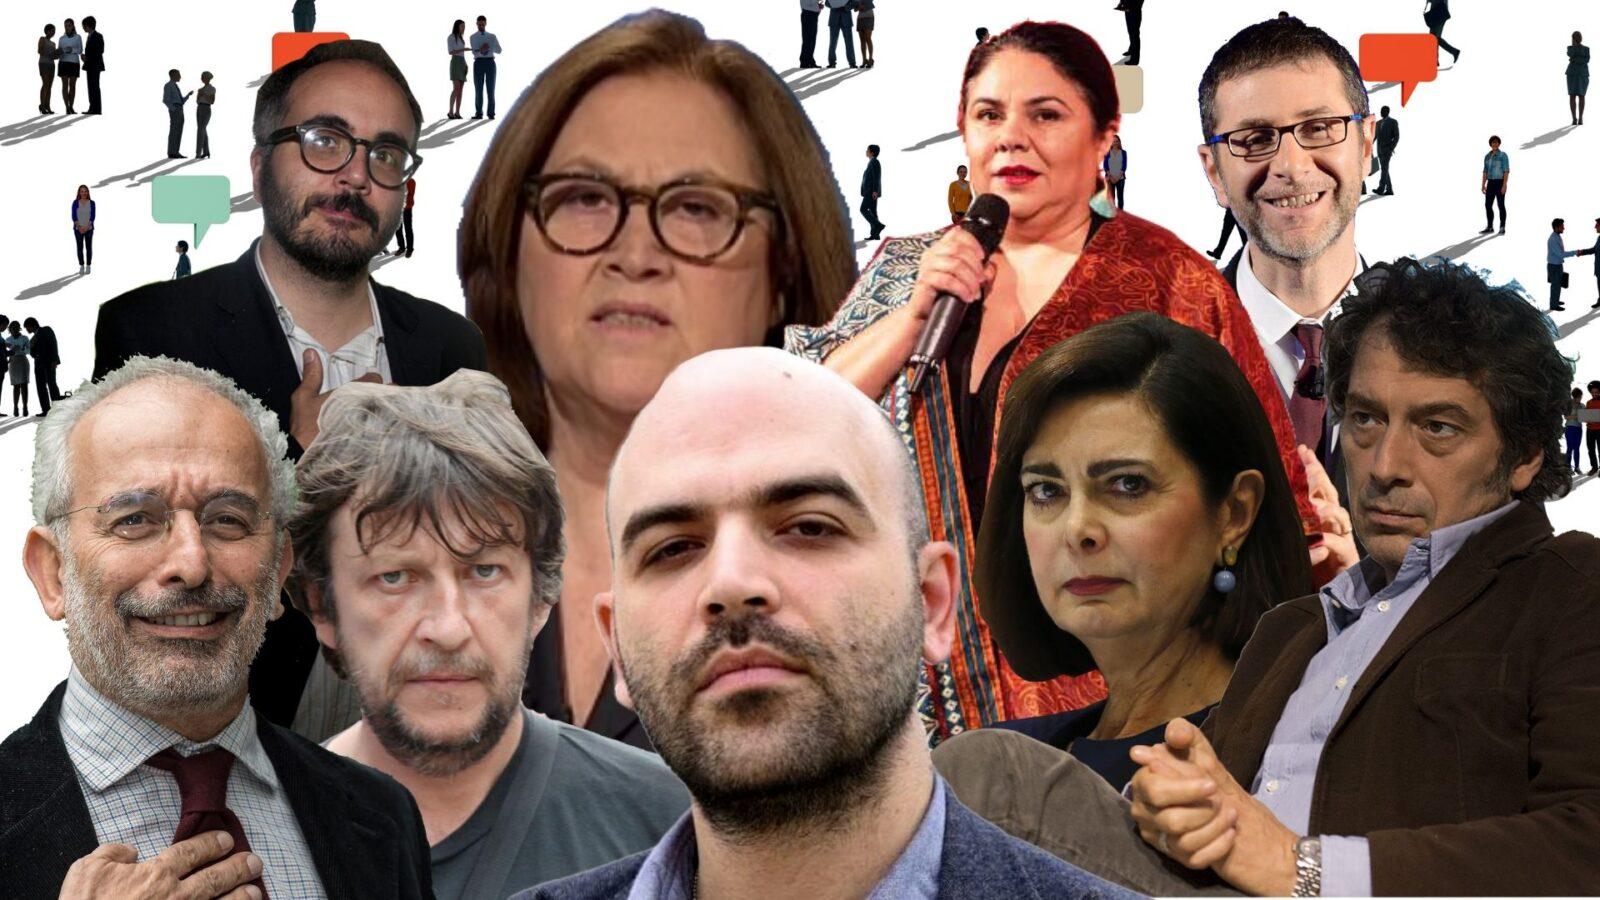 Ogni giorno noi italiani subiamo la dittatura culturale di sinistra -  Redazione